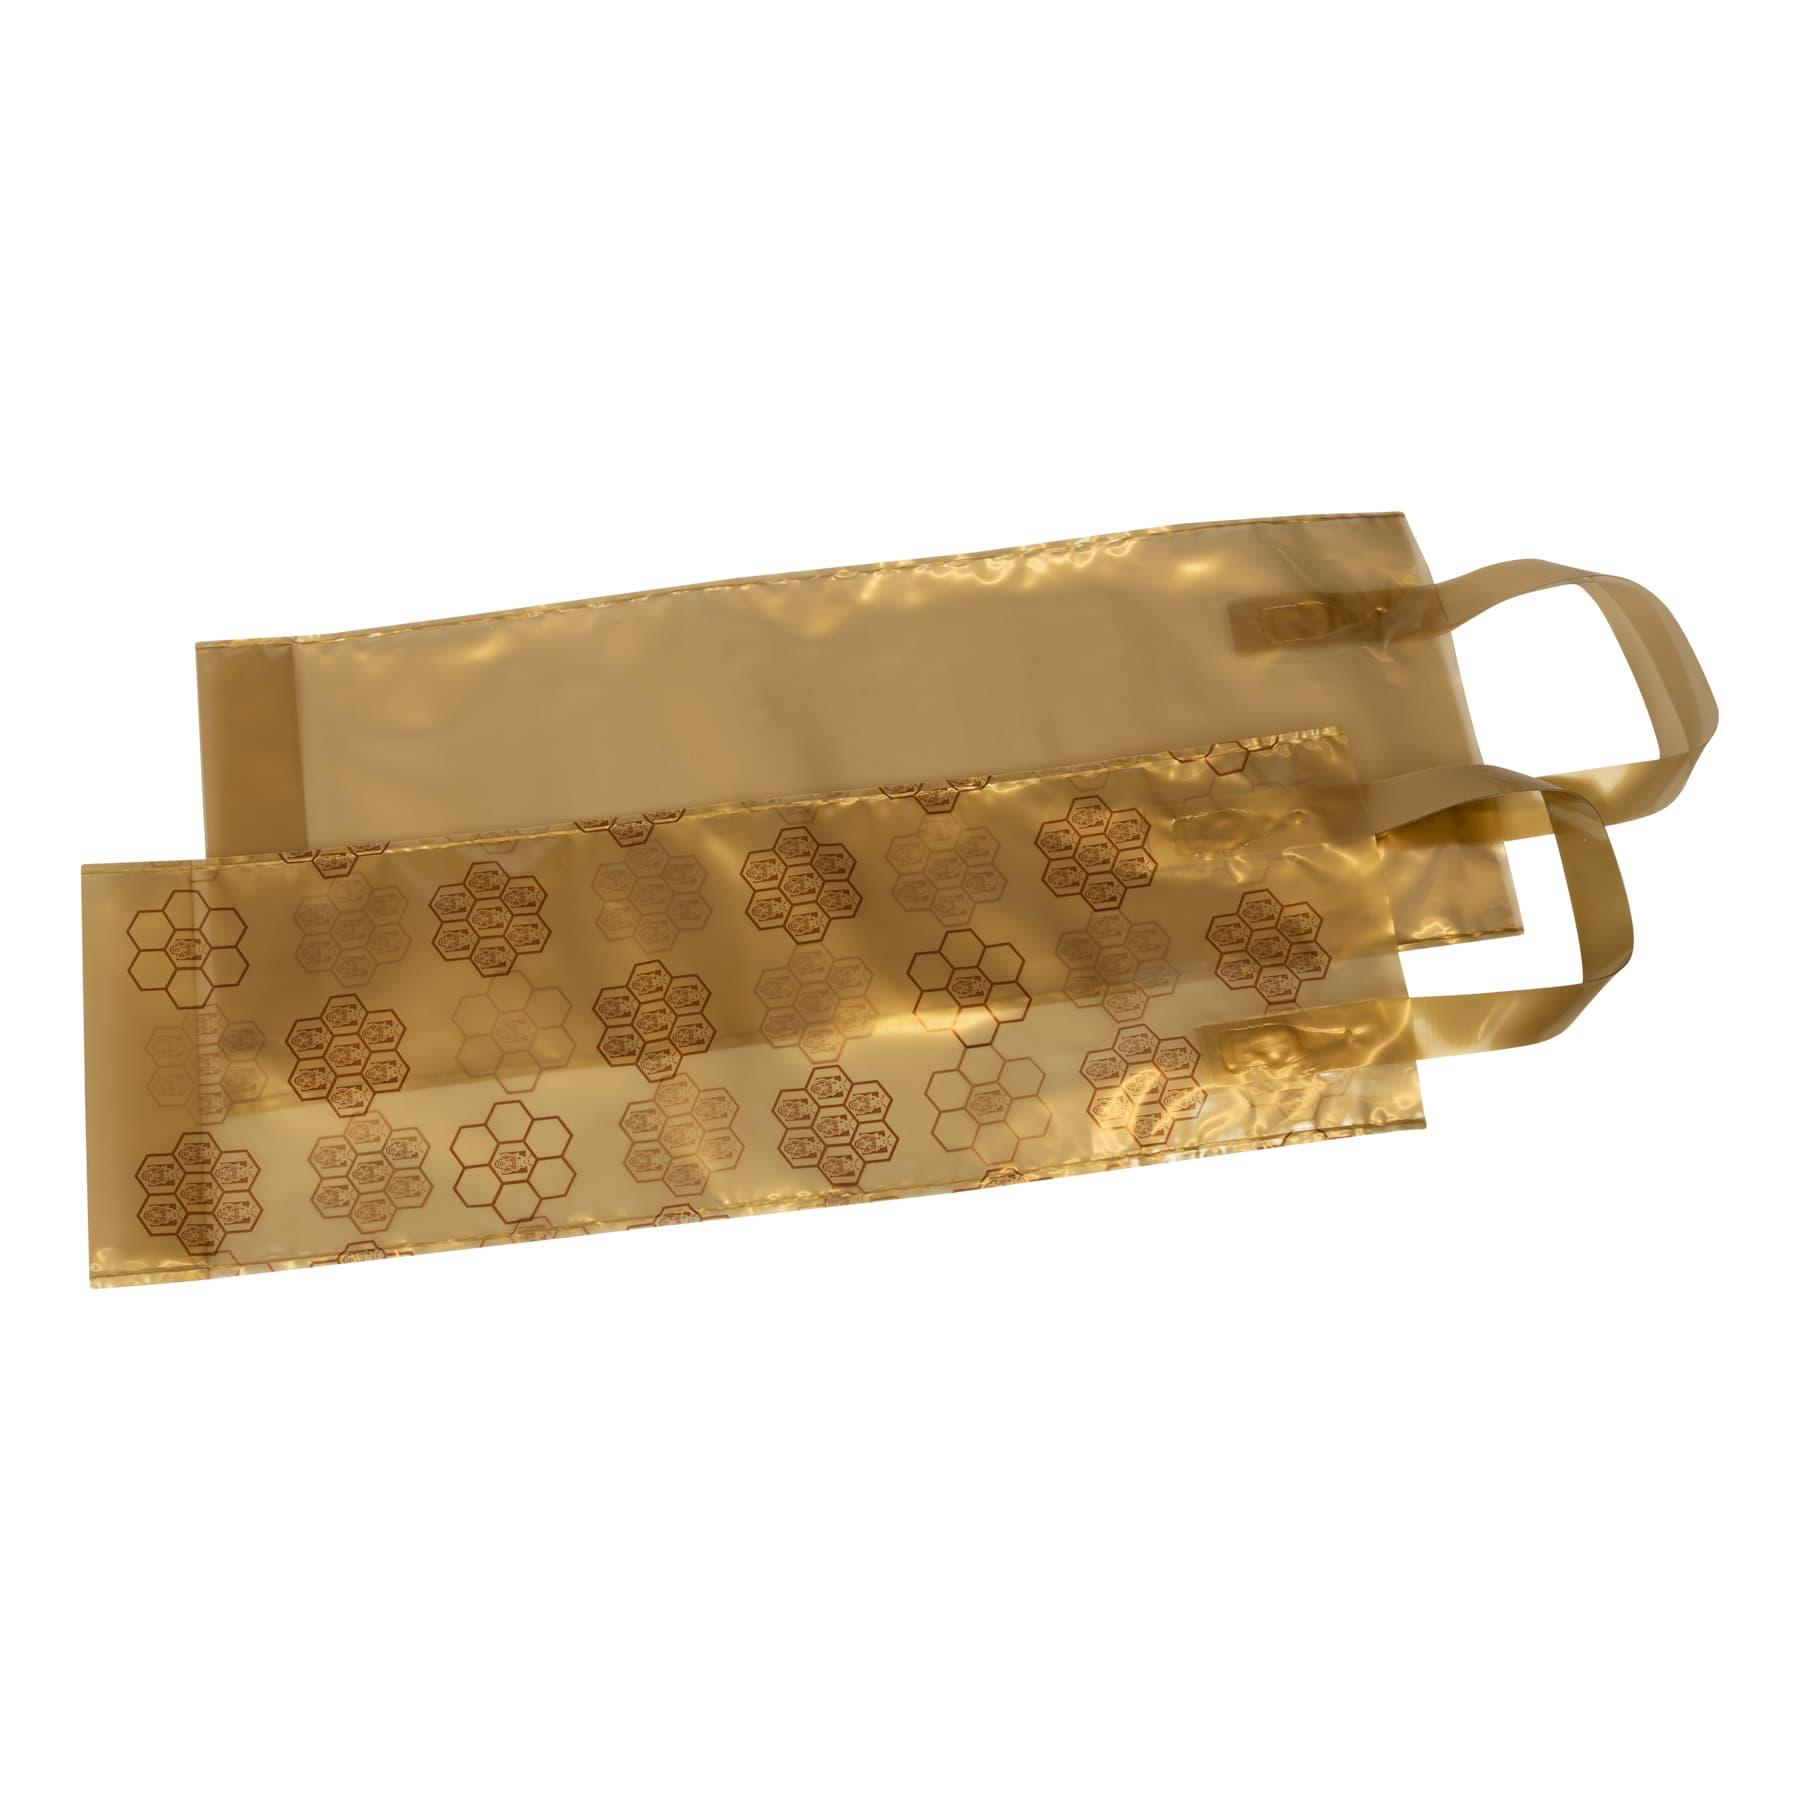 Geschenkbeutel 25 St. für 1 Flasche 0,75 l dekorativer PE Beutel mit Wabenmuster verziert, Variante gold